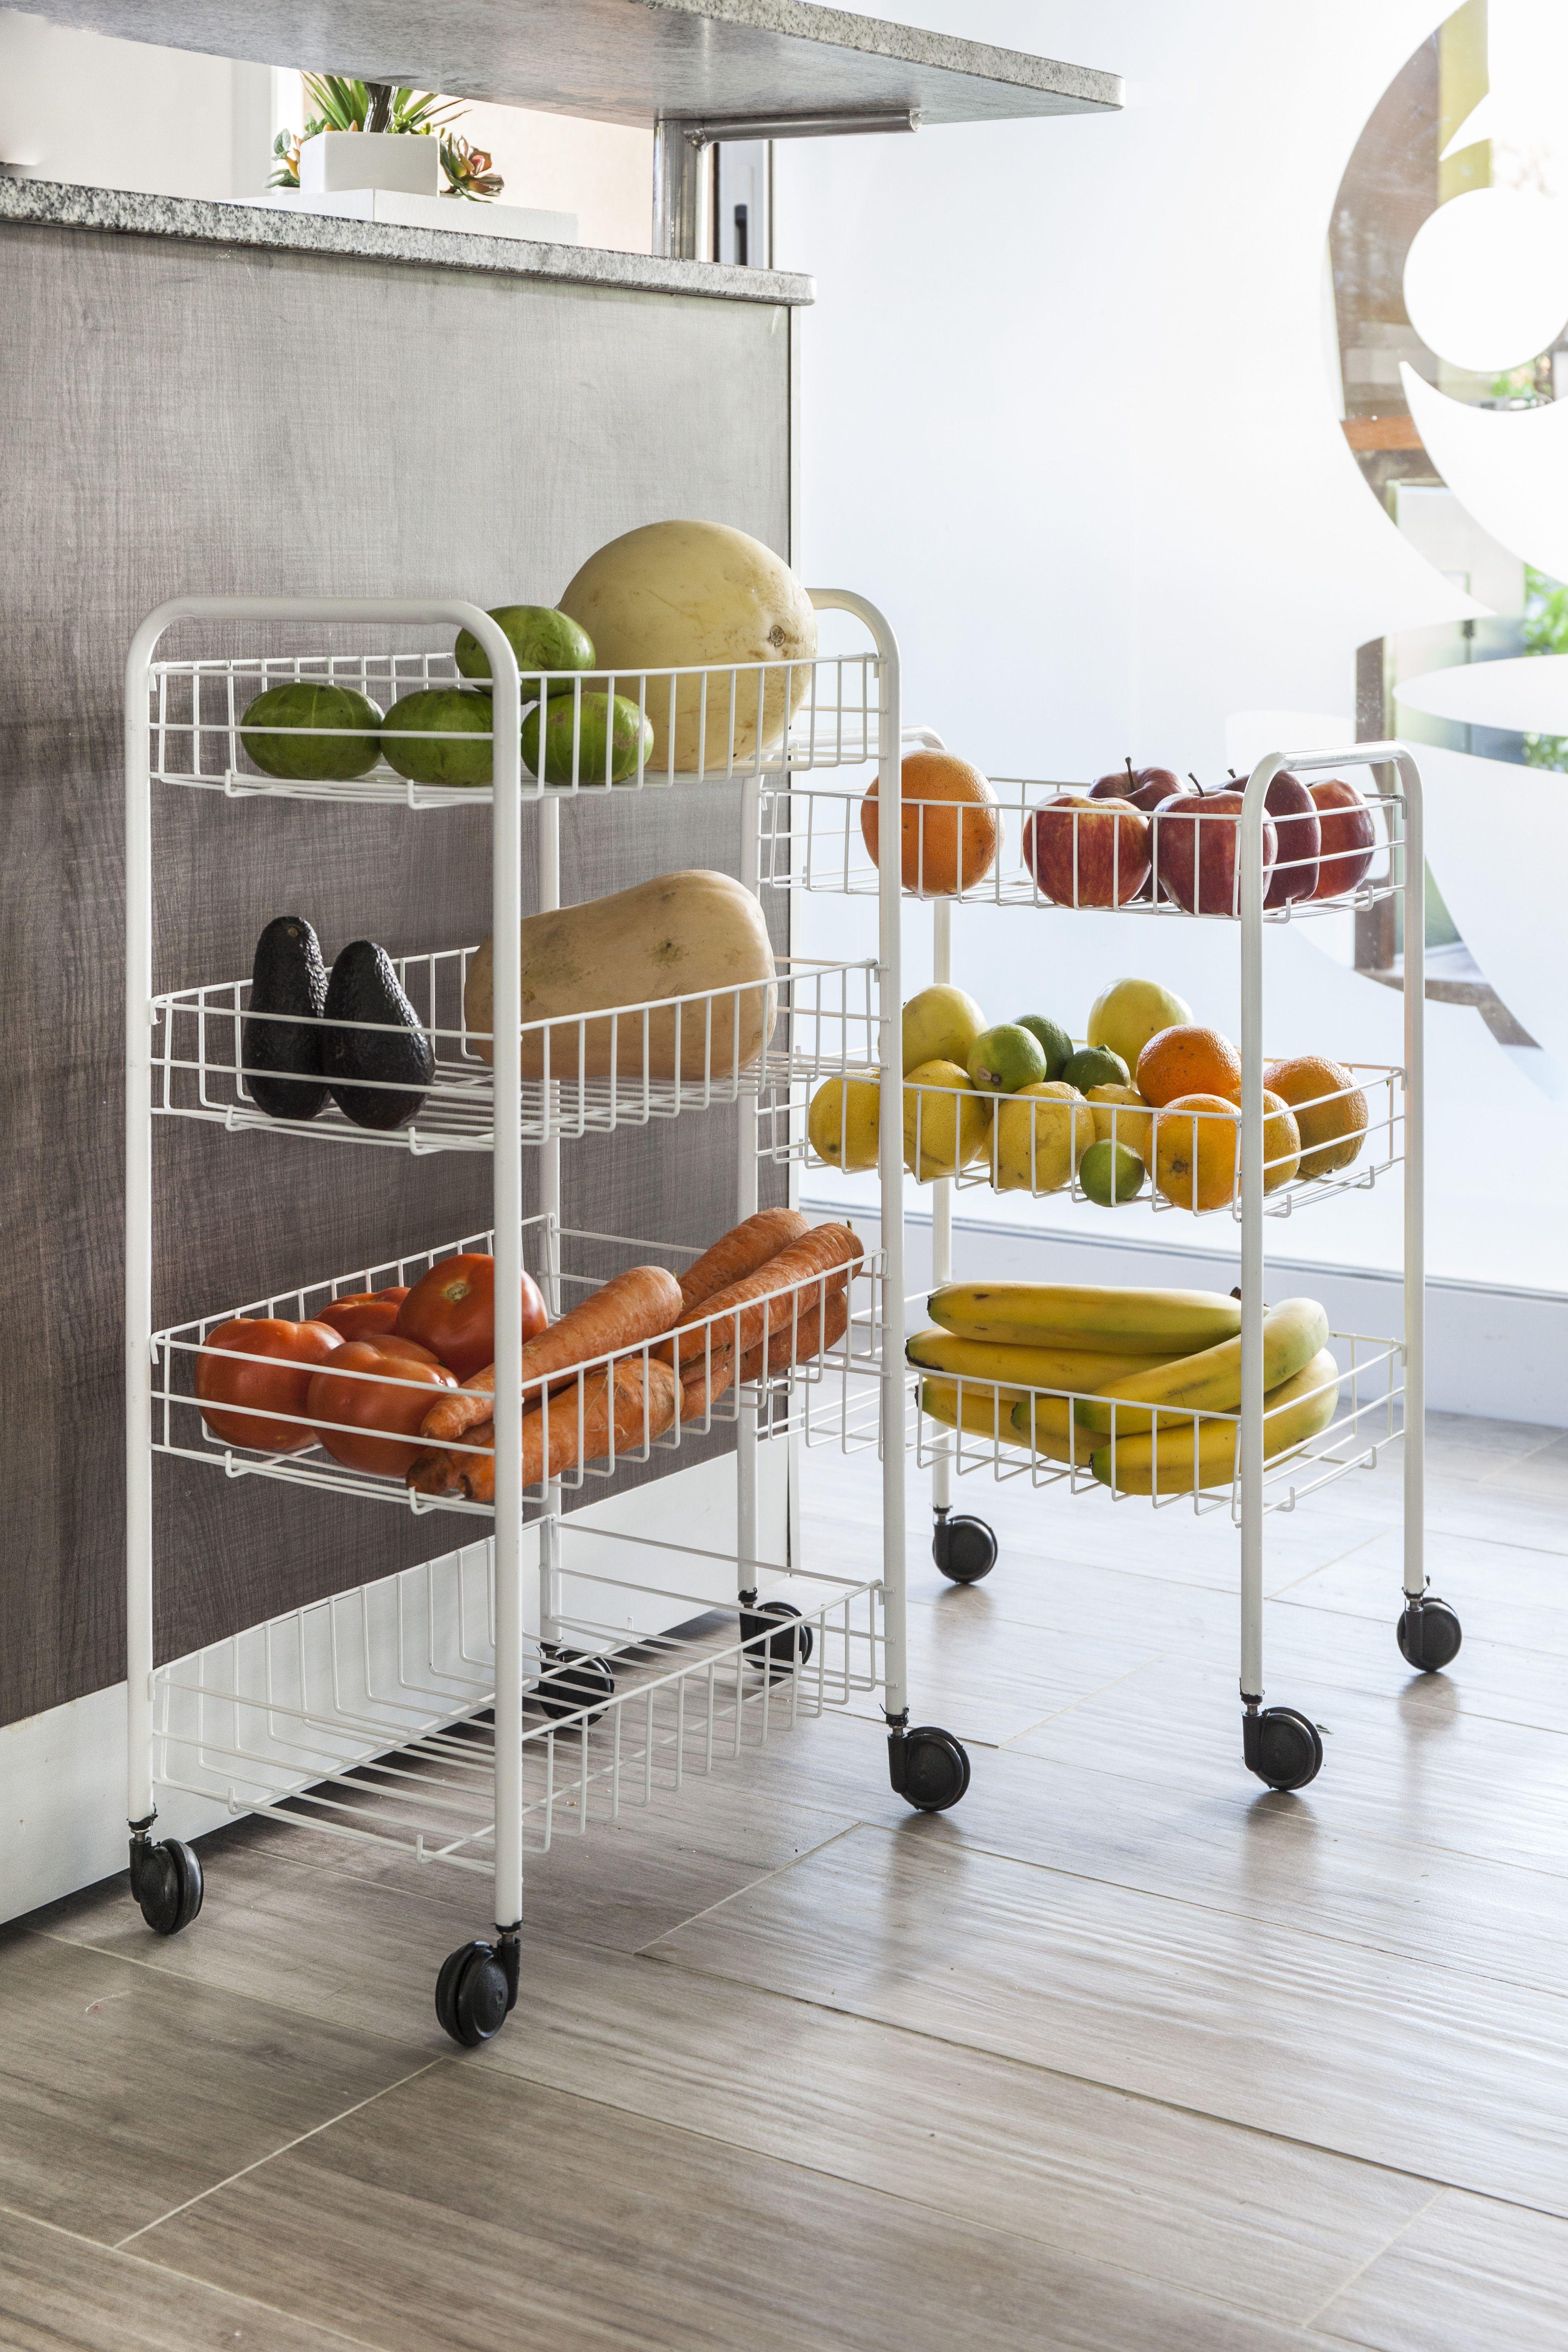 Una Forma Practica Y Comoda De Organizar Frutas Y Verduras Ideas Ideas De Organizacion De Cocina Organizacion De Cocina Organizar Los Armarios De La Cocina